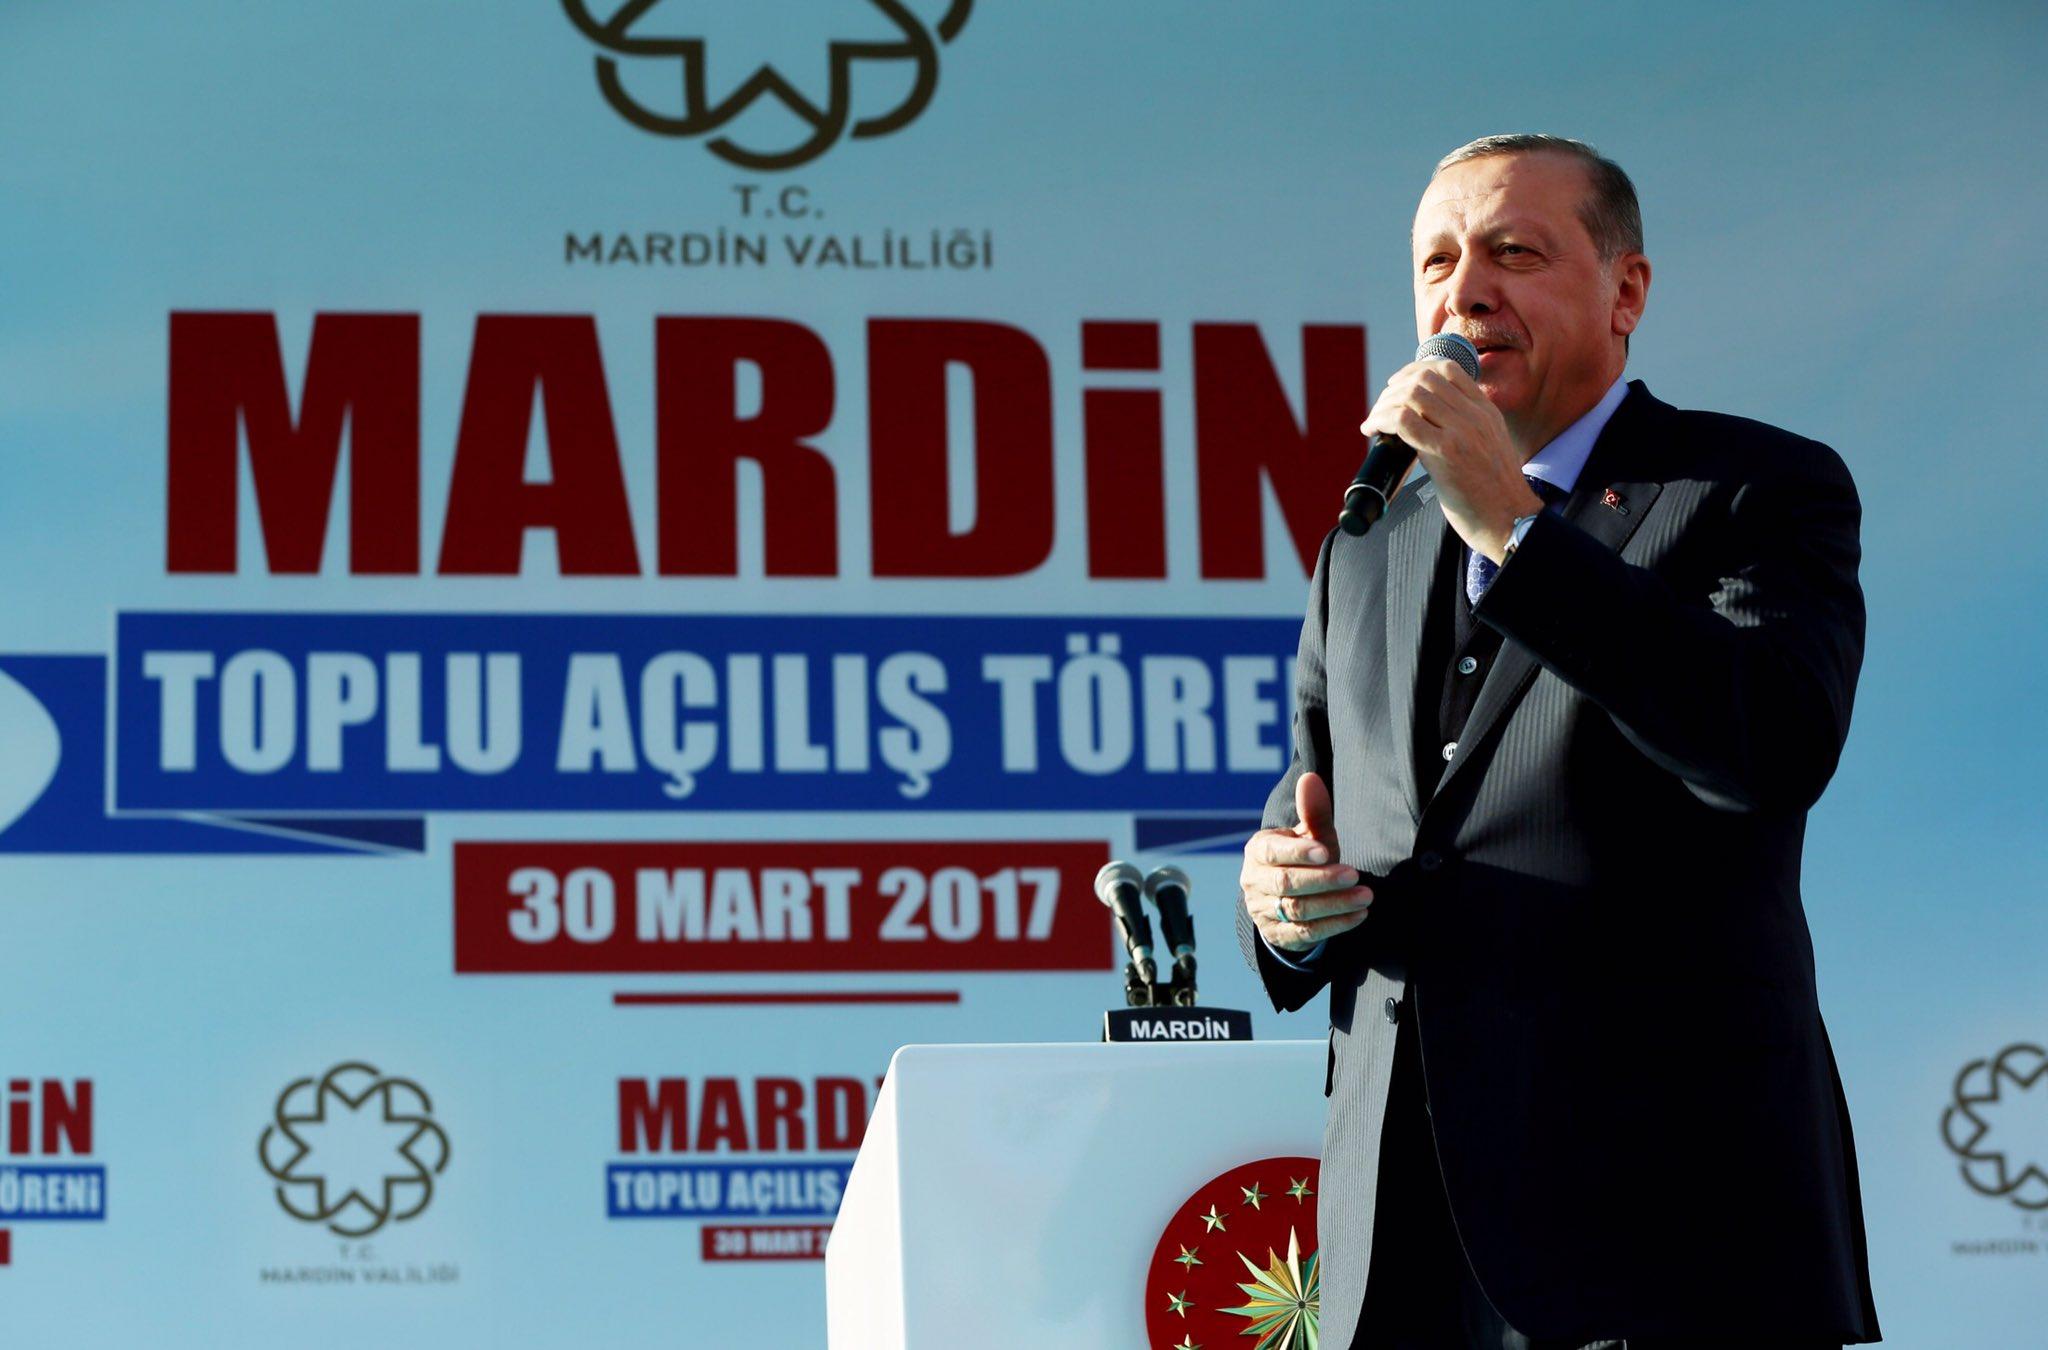 Teşekkürler Mardin! https://t.co/Bf26ad5OpS